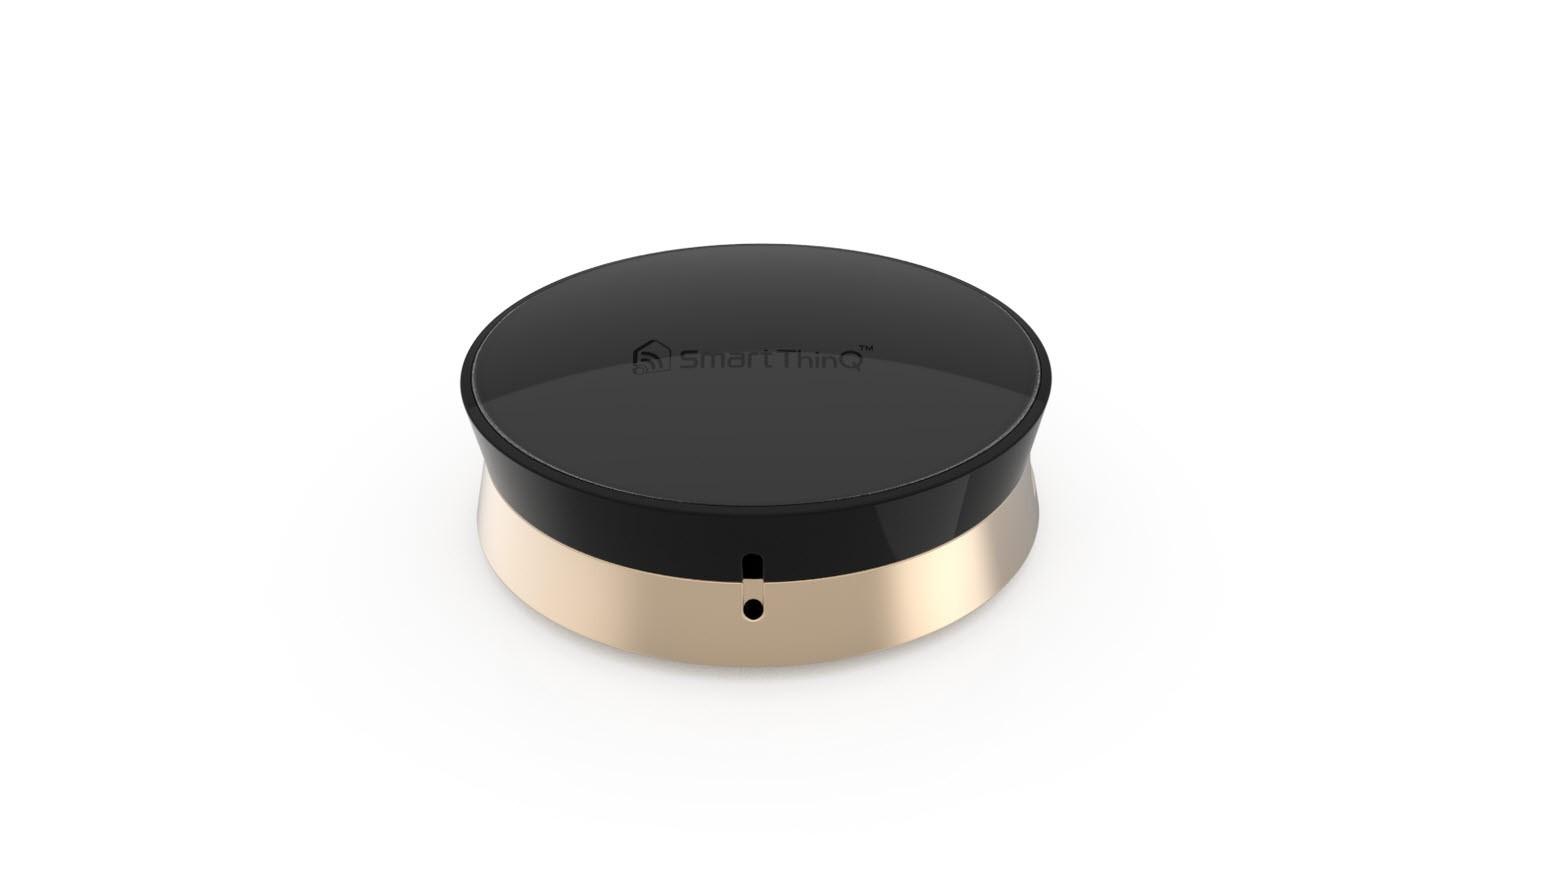 LG-SmartThinQ-Sensor-01